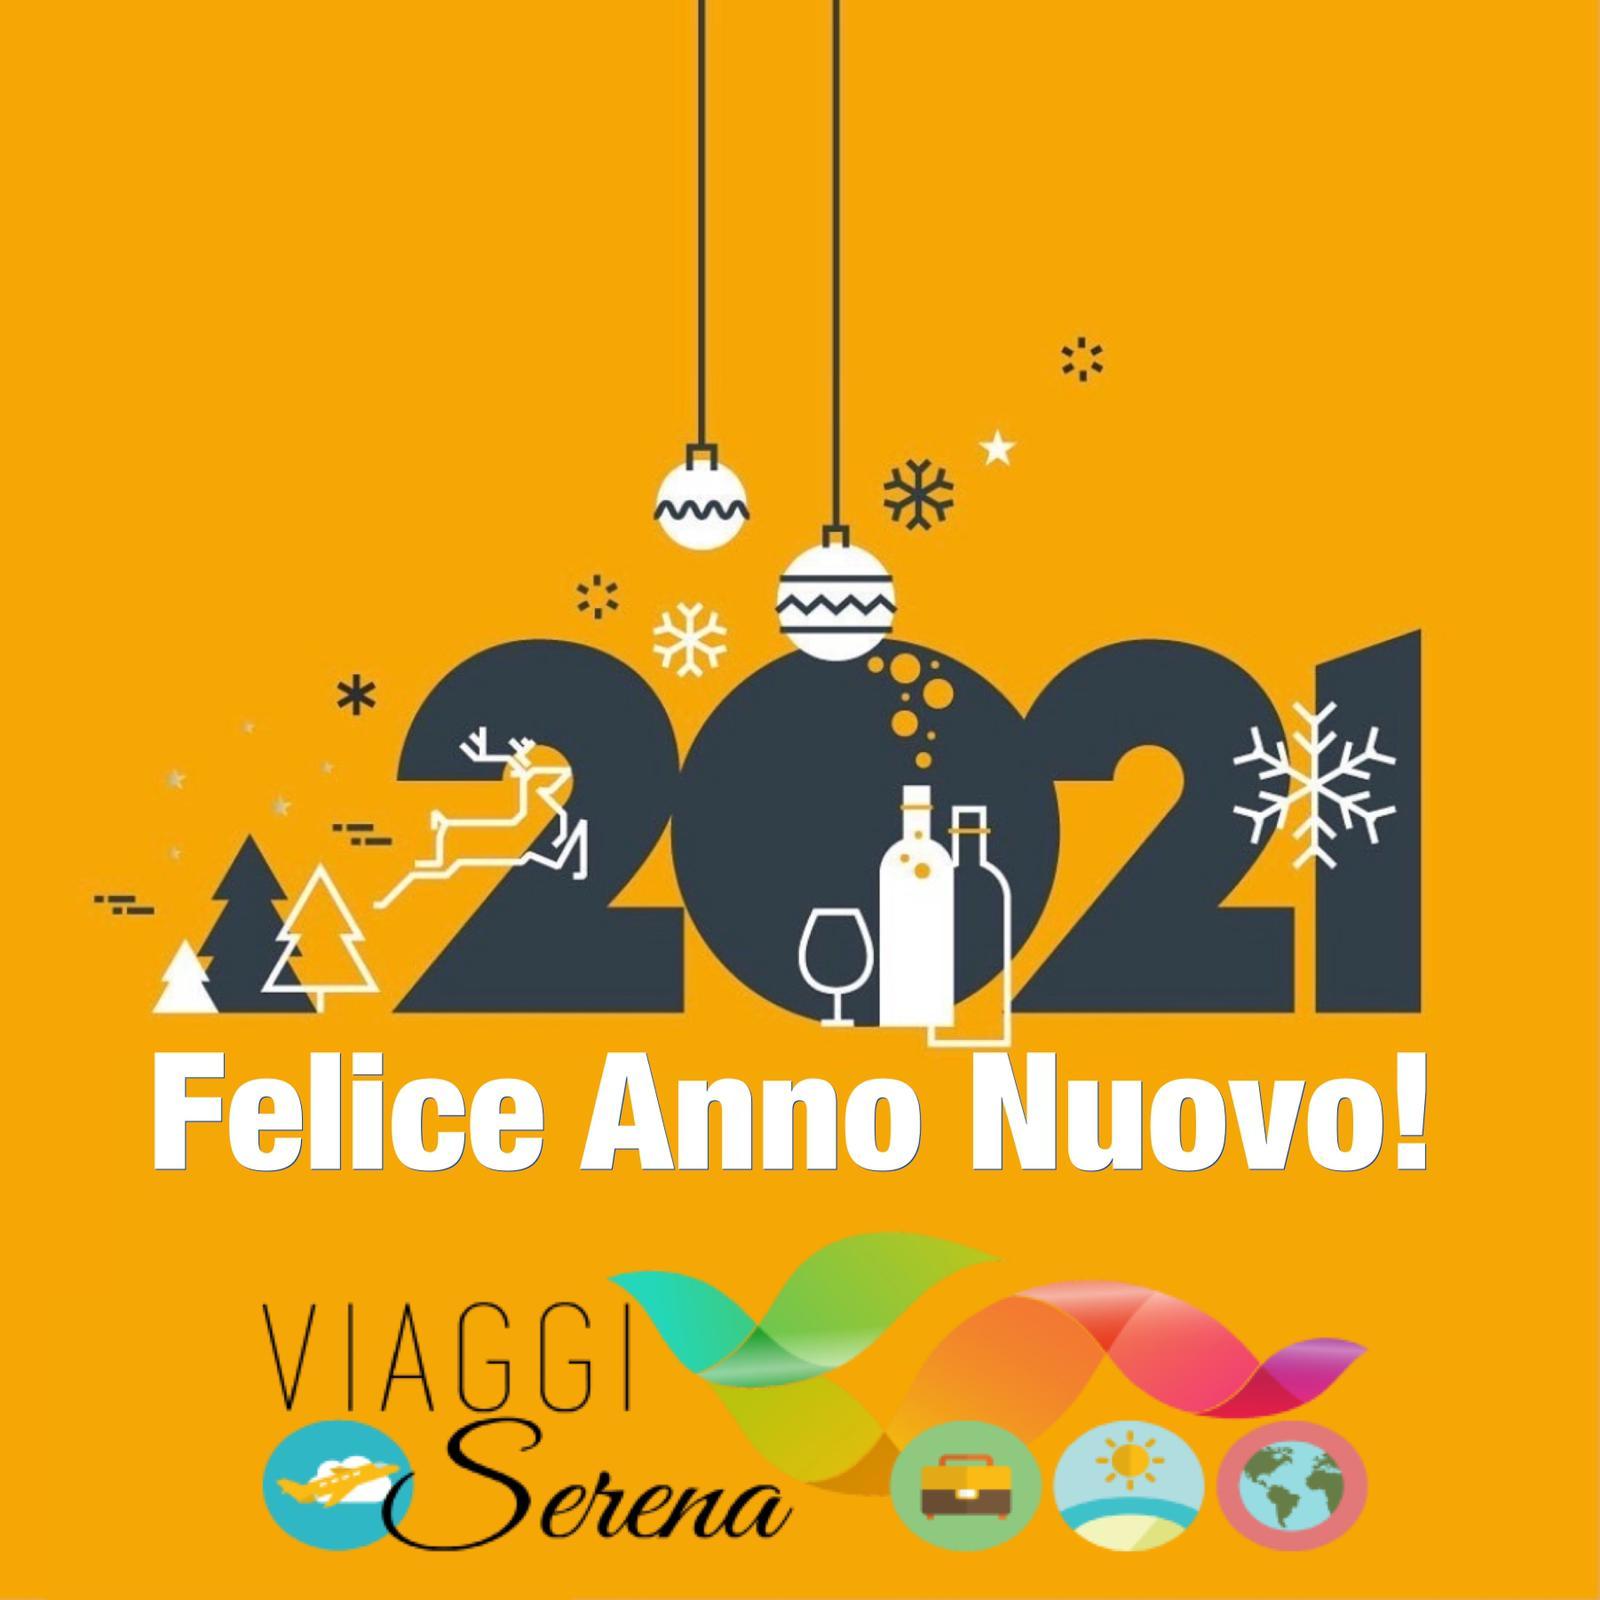 Felice anno Nuovo da tutta l'Agenzia Viaggi Serena!